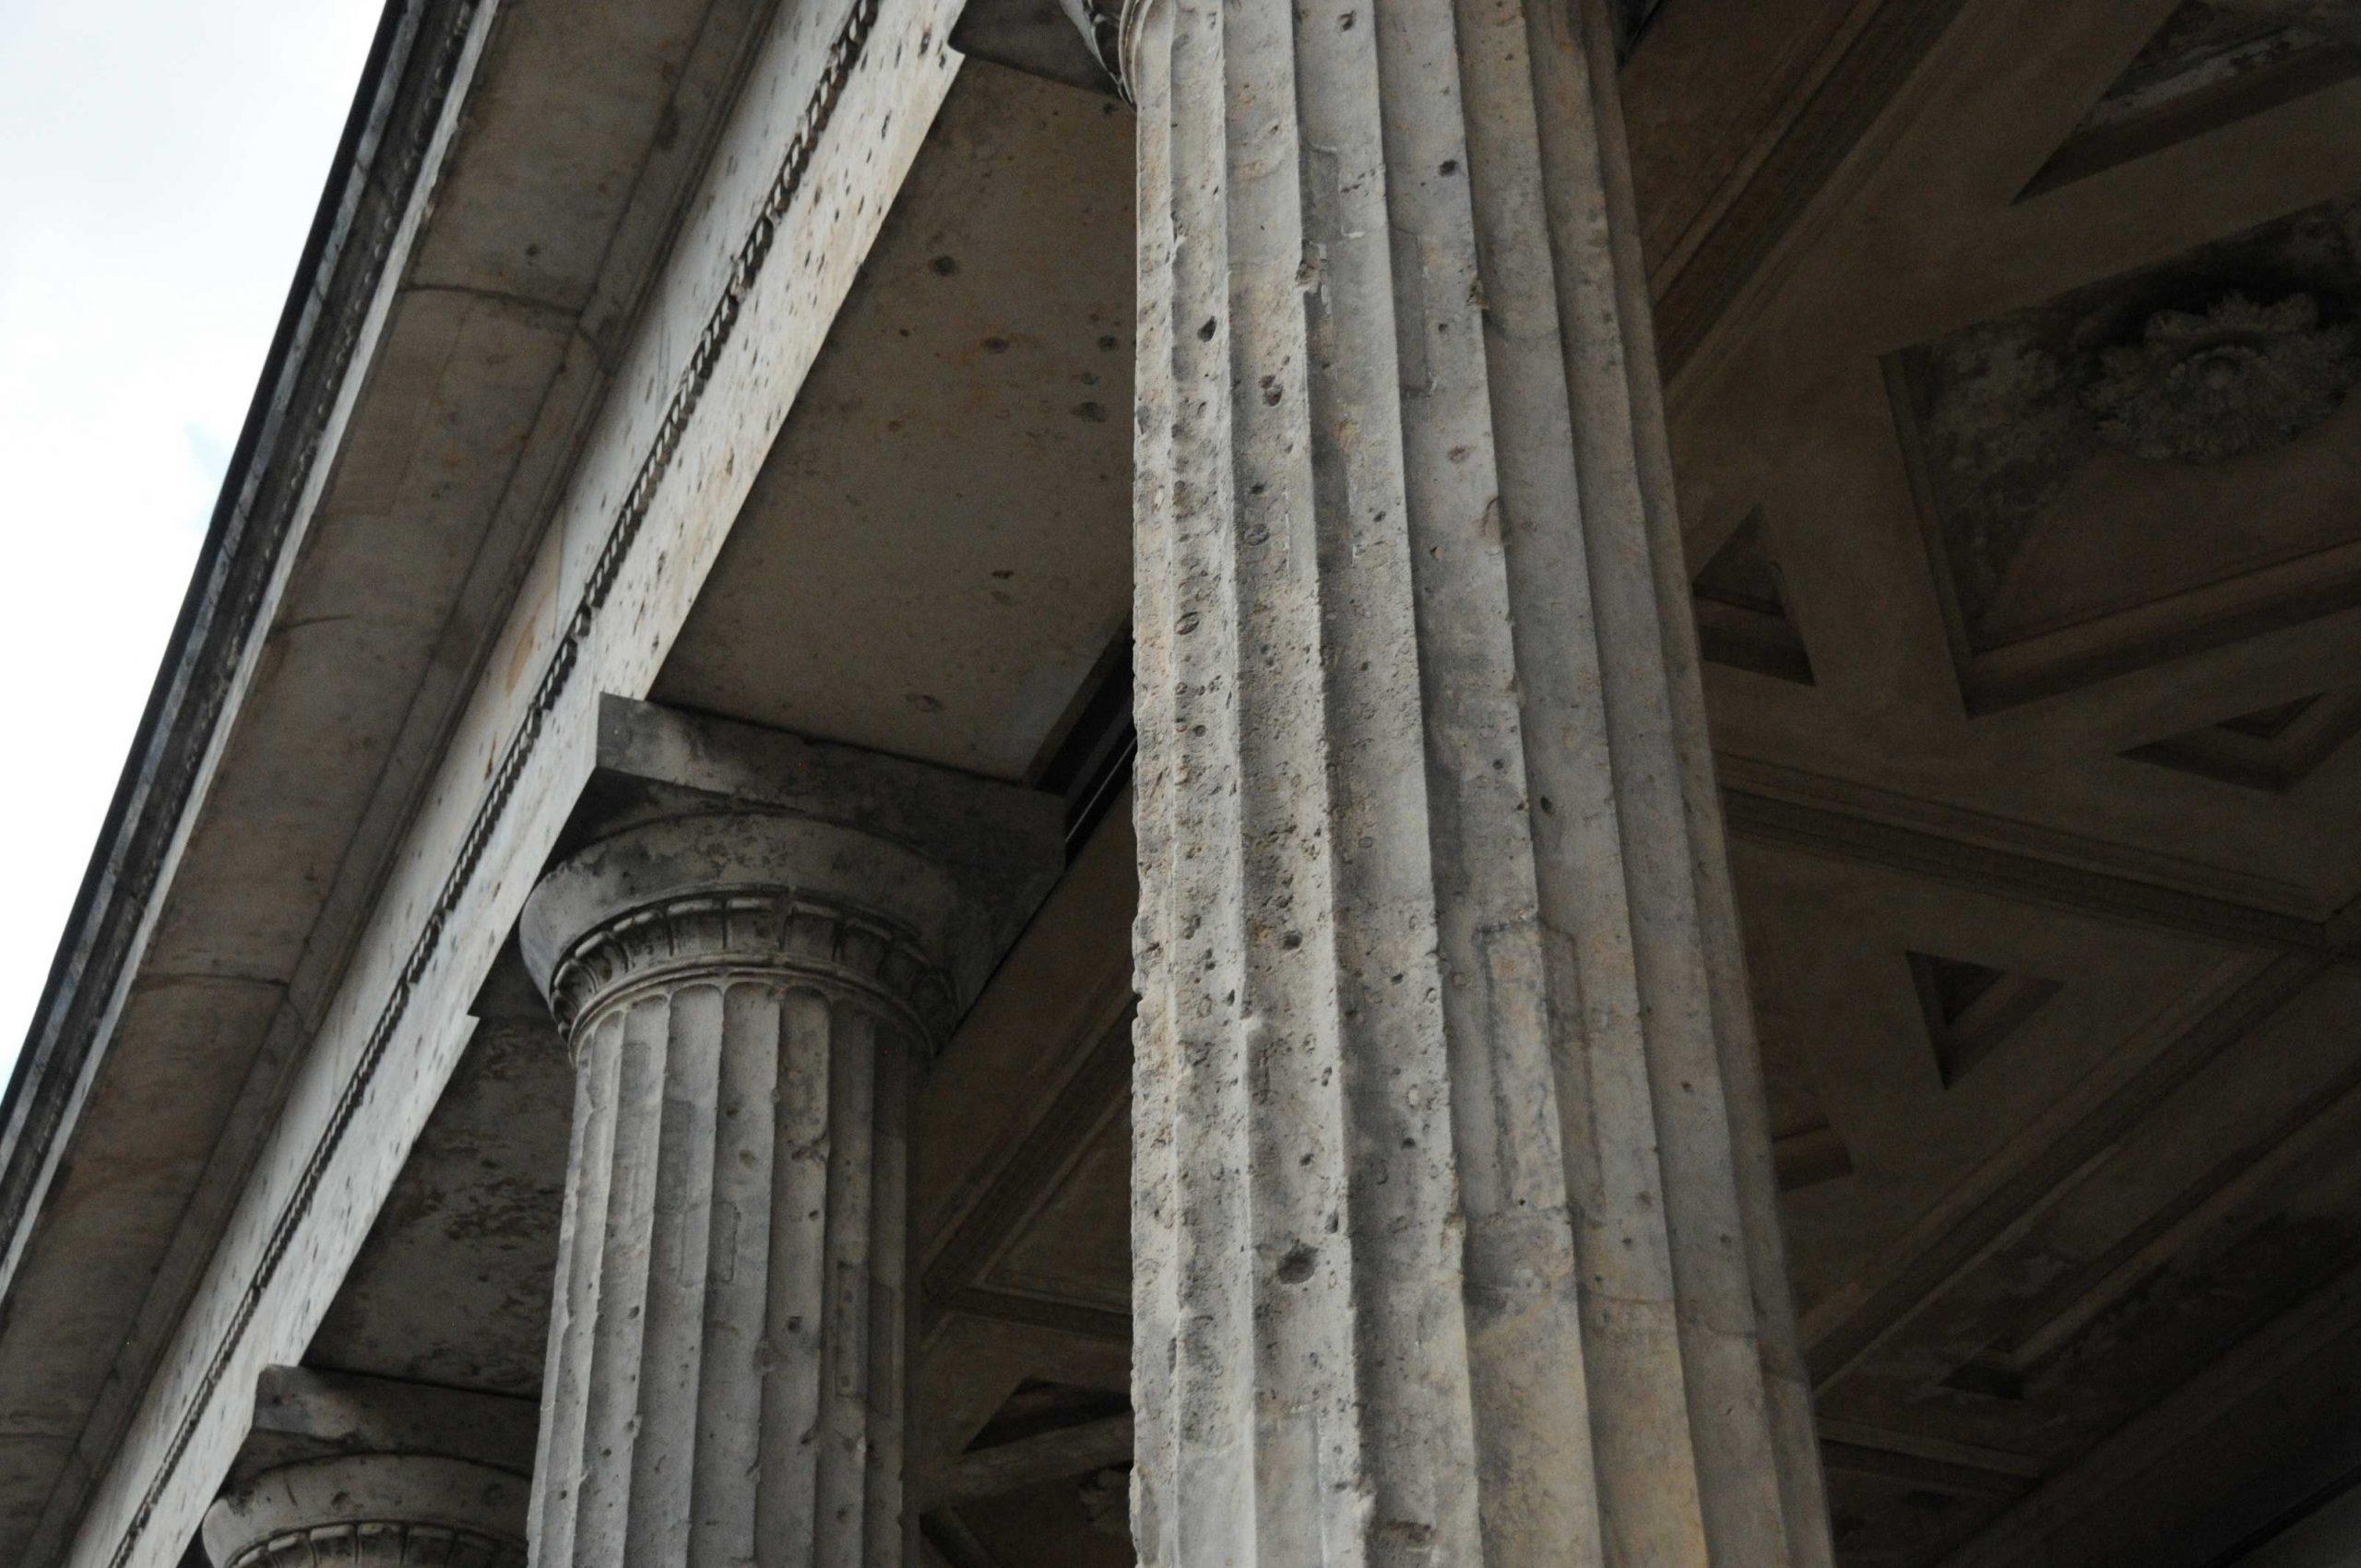 berlin pillars bulletholes